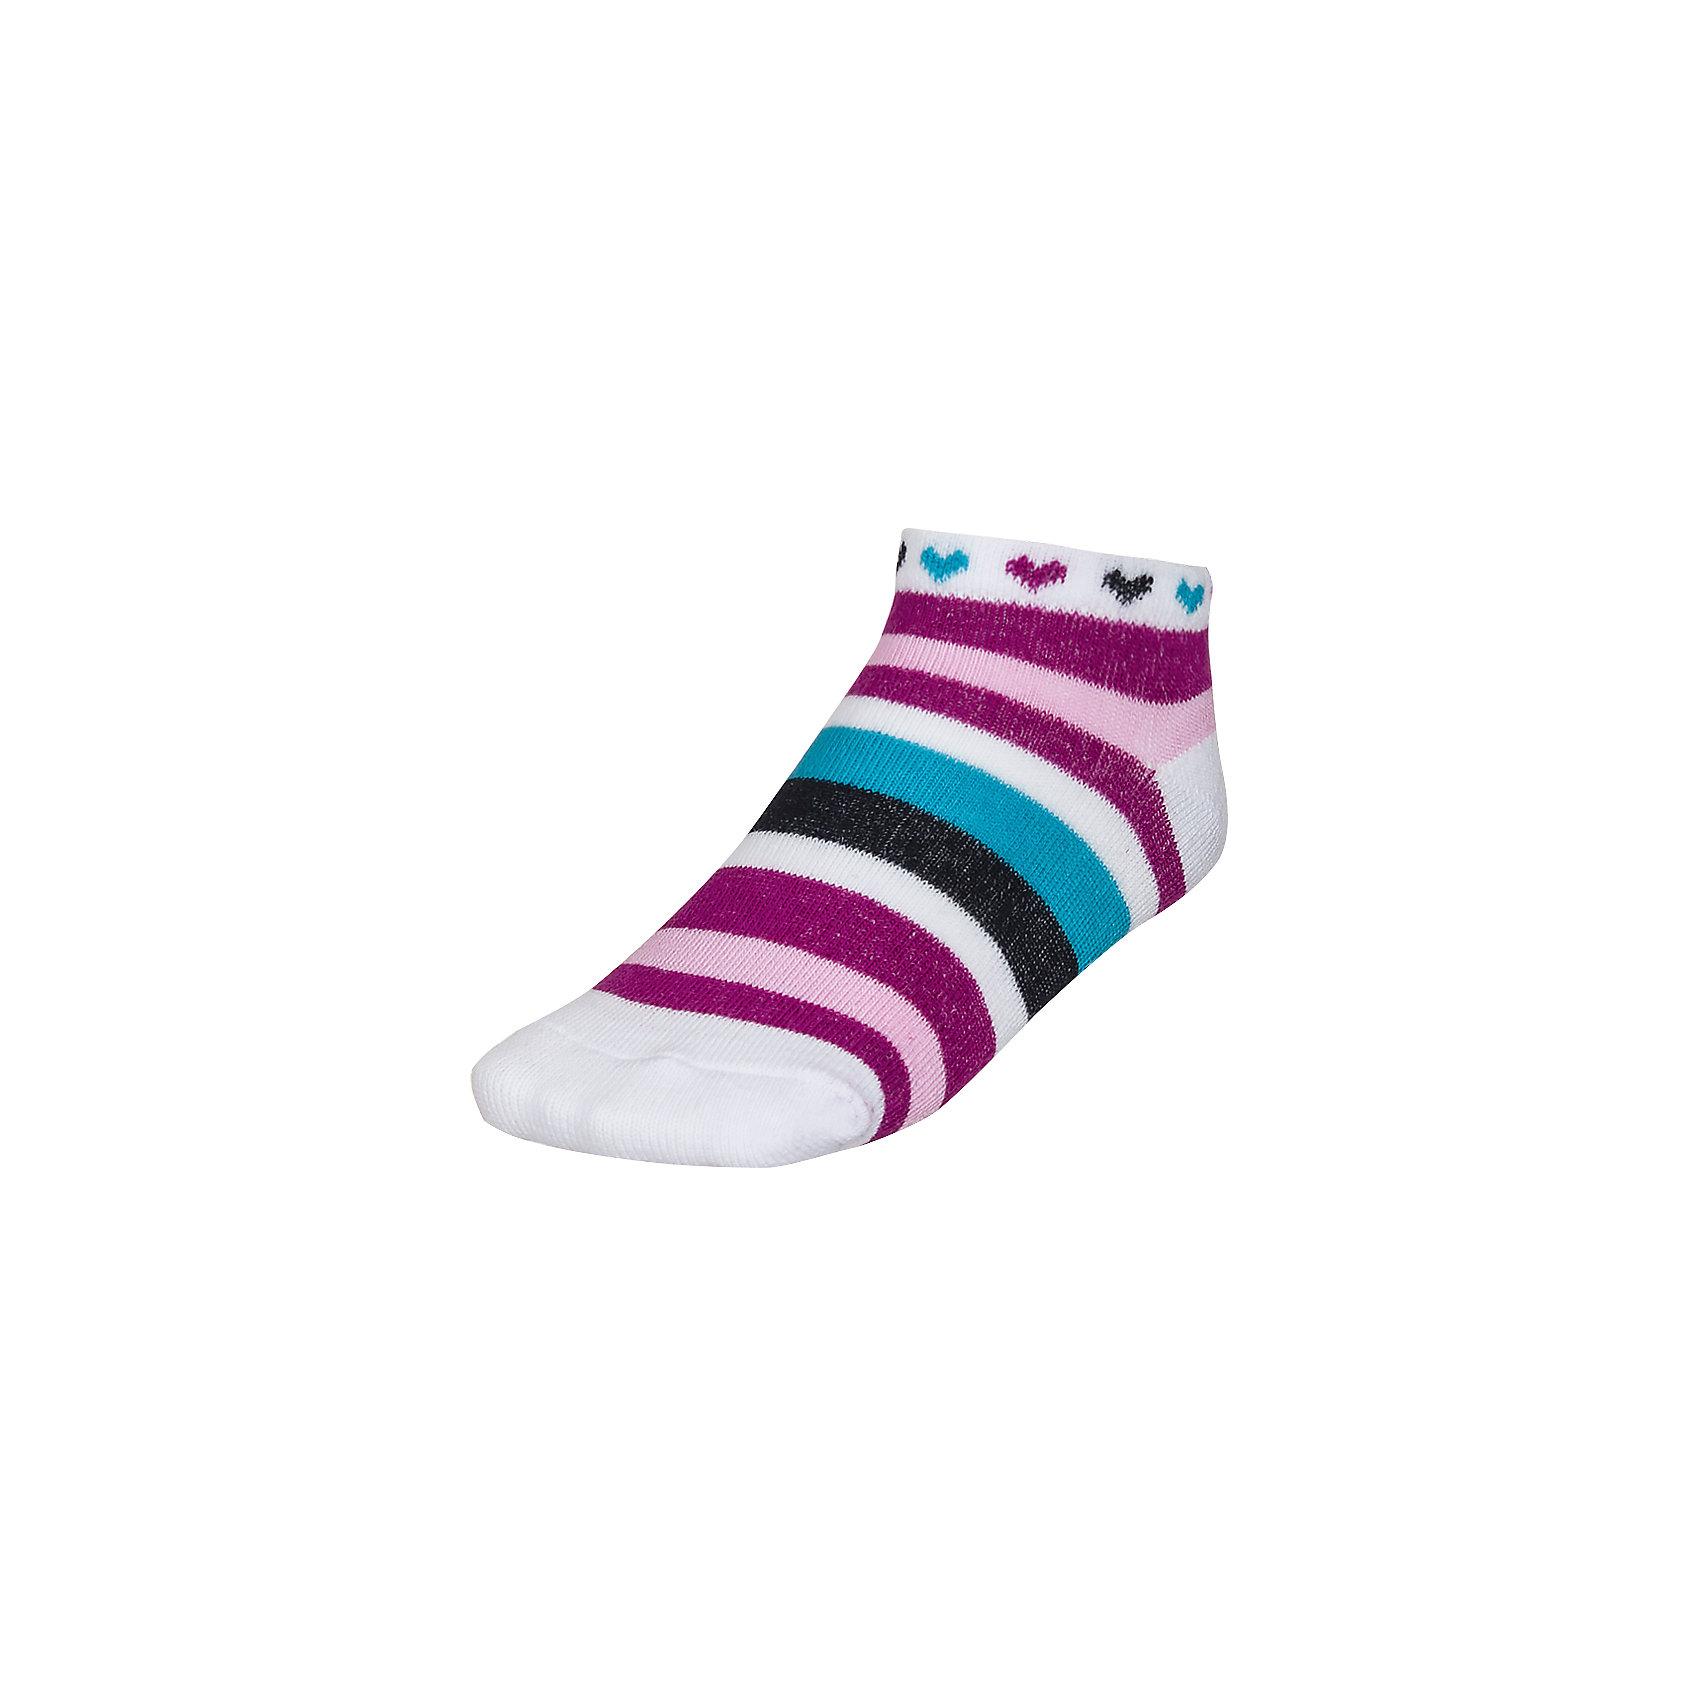 Носки ( 3 пары) для девочки BaykarНоски<br>Характеристики товара:<br><br>• цвет: розовый<br>• состав ткани: 75% хлопок; 22% полиамид; 3% эластан<br>• комплектация: 3 пары<br>• сезон: круглый год<br>• страна бренда: Турция<br>• страна изготовитель: Турция<br><br>Дышащие хлопковые носки - залог комфорта ребенка. Этот набор носков для девочки от турецкого бренда Baykar позволит обеспечить ногам ребенка удобство.<br><br>Качественные носки дают коже дышать, хорошо впитывают влагу. Мягкая резинка не давит на ногу.<br><br>Носки для девочки (3 пары) Baykar (Байкар) можно купить в нашем интернет-магазине.<br><br>Ширина мм: 87<br>Глубина мм: 10<br>Высота мм: 105<br>Вес г: 115<br>Цвет: розовый<br>Возраст от месяцев: 24<br>Возраст до месяцев: 60<br>Пол: Женский<br>Возраст: Детский<br>Размер: 16-18,10-12,15/16<br>SKU: 6863907